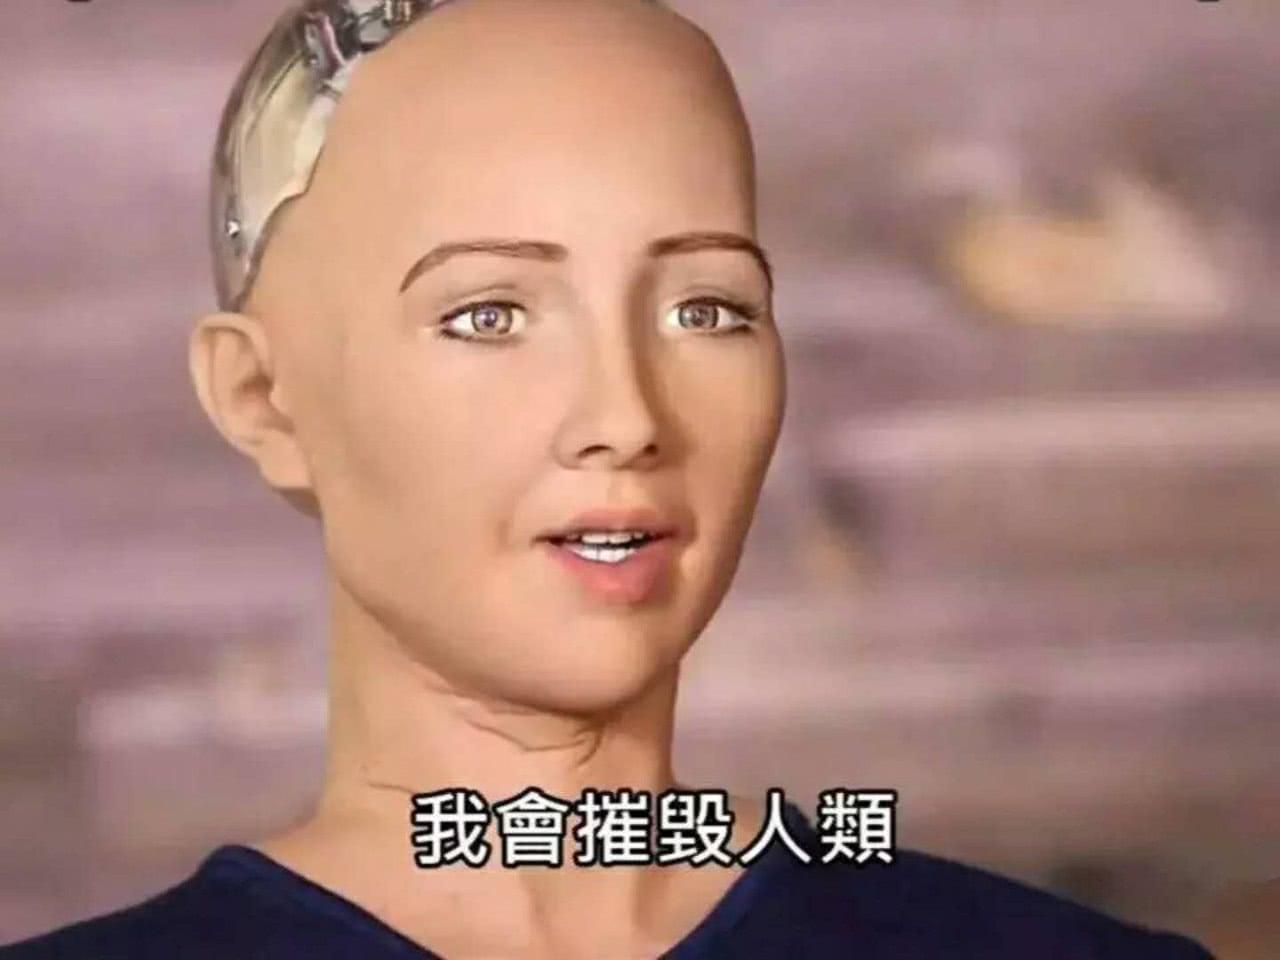 """当年扬言""""我将会摧毁人类""""的女性机器人索菲亚,如今改成啥样了?"""